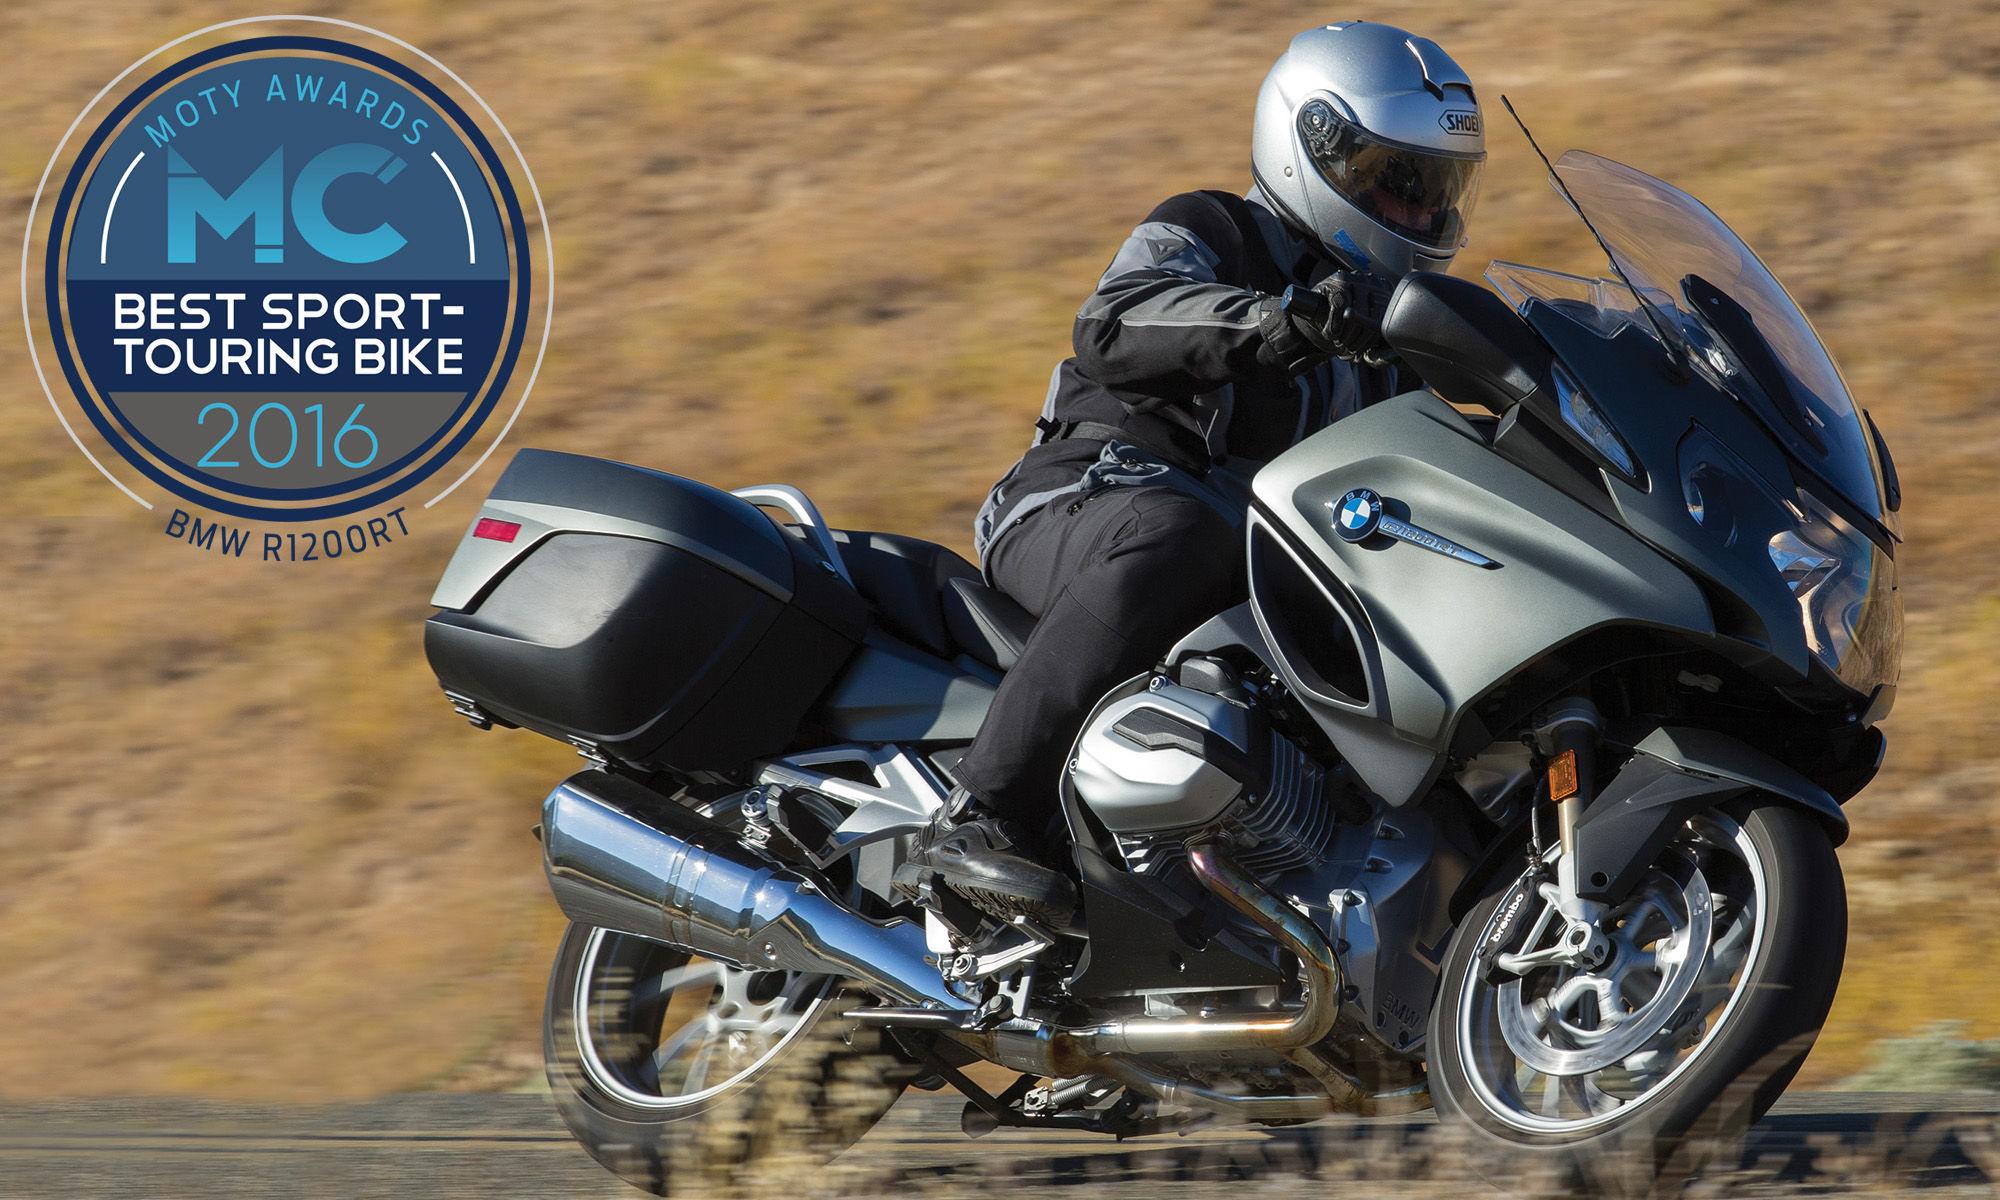 BMW R1200GSA and R1200RT Win Motorcyclist Magazine Awards – BMW ...